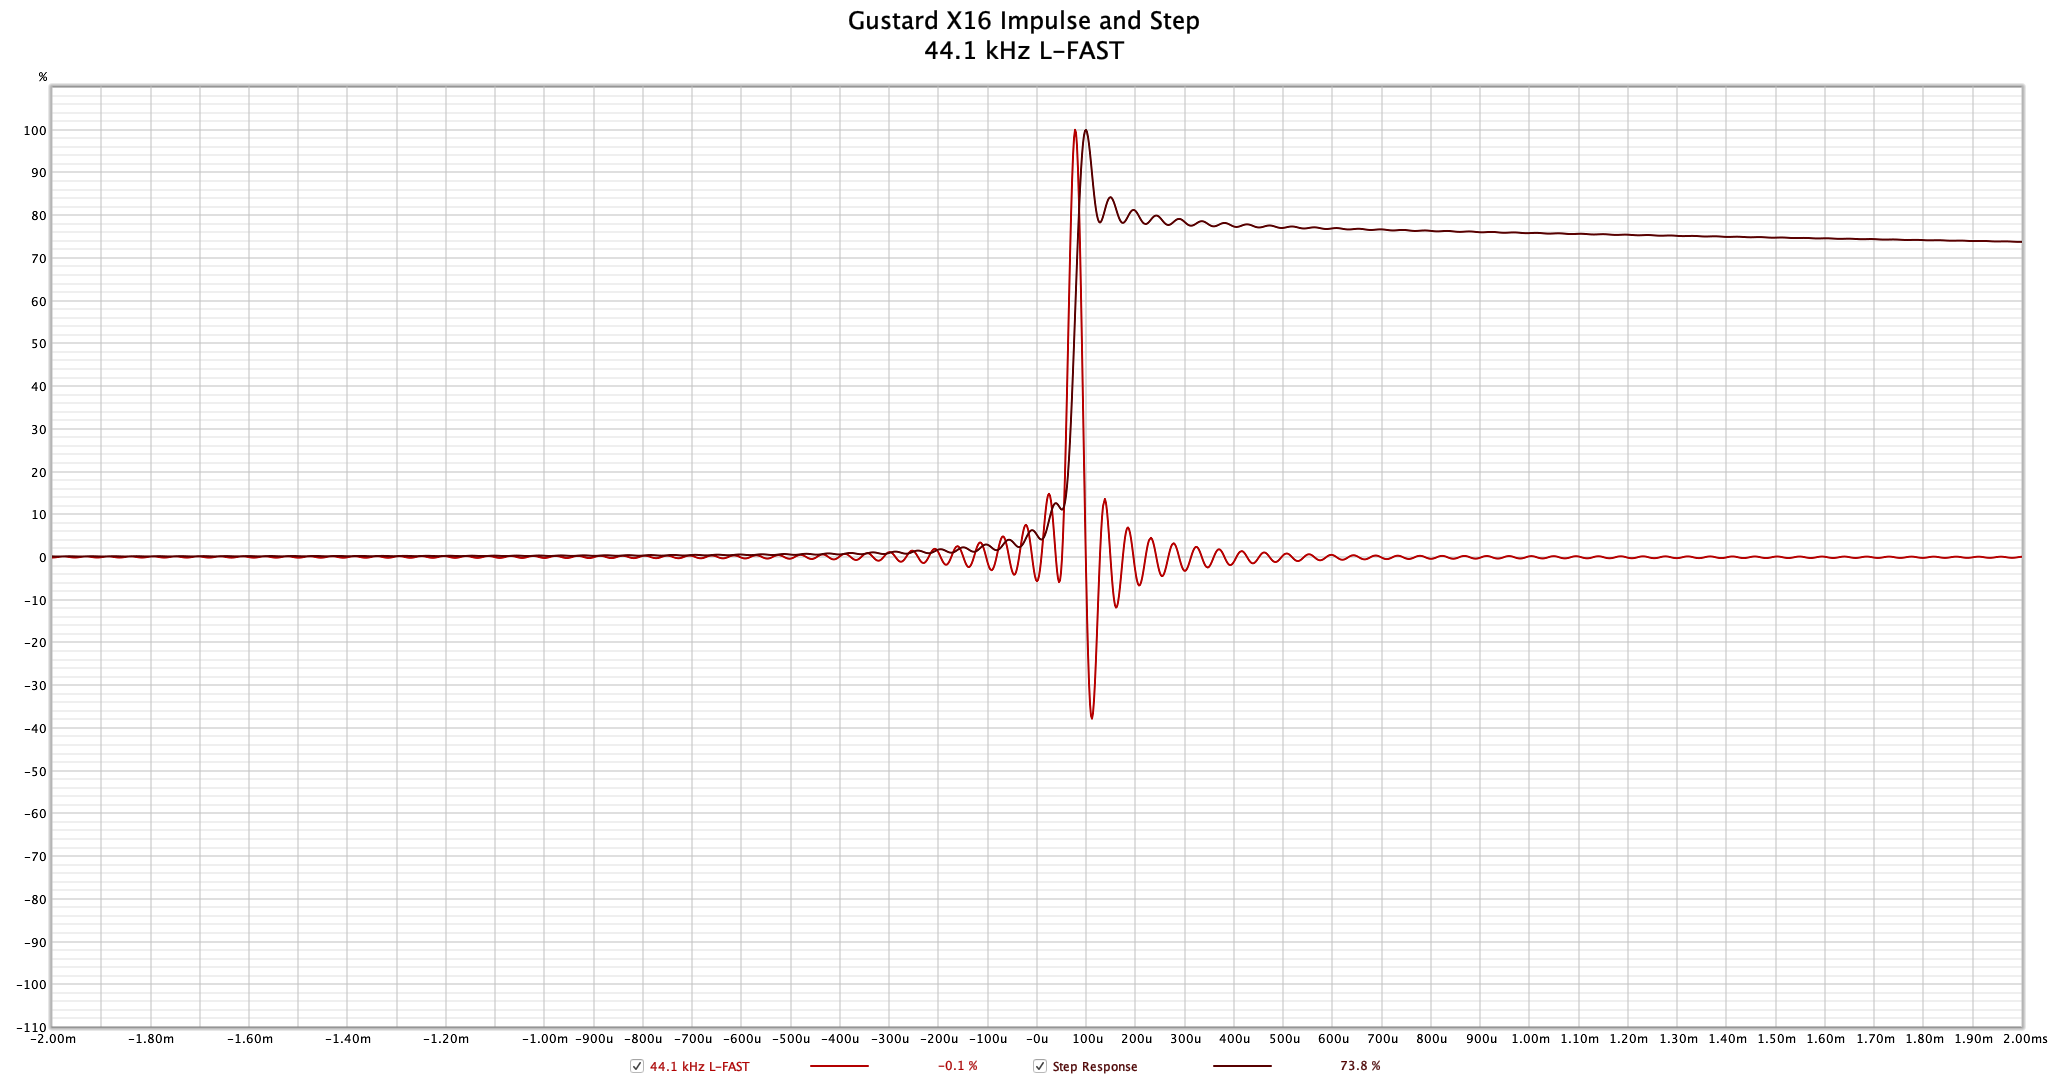 Gustard X16 - 44.1 kHz L-FAST Impulse.png